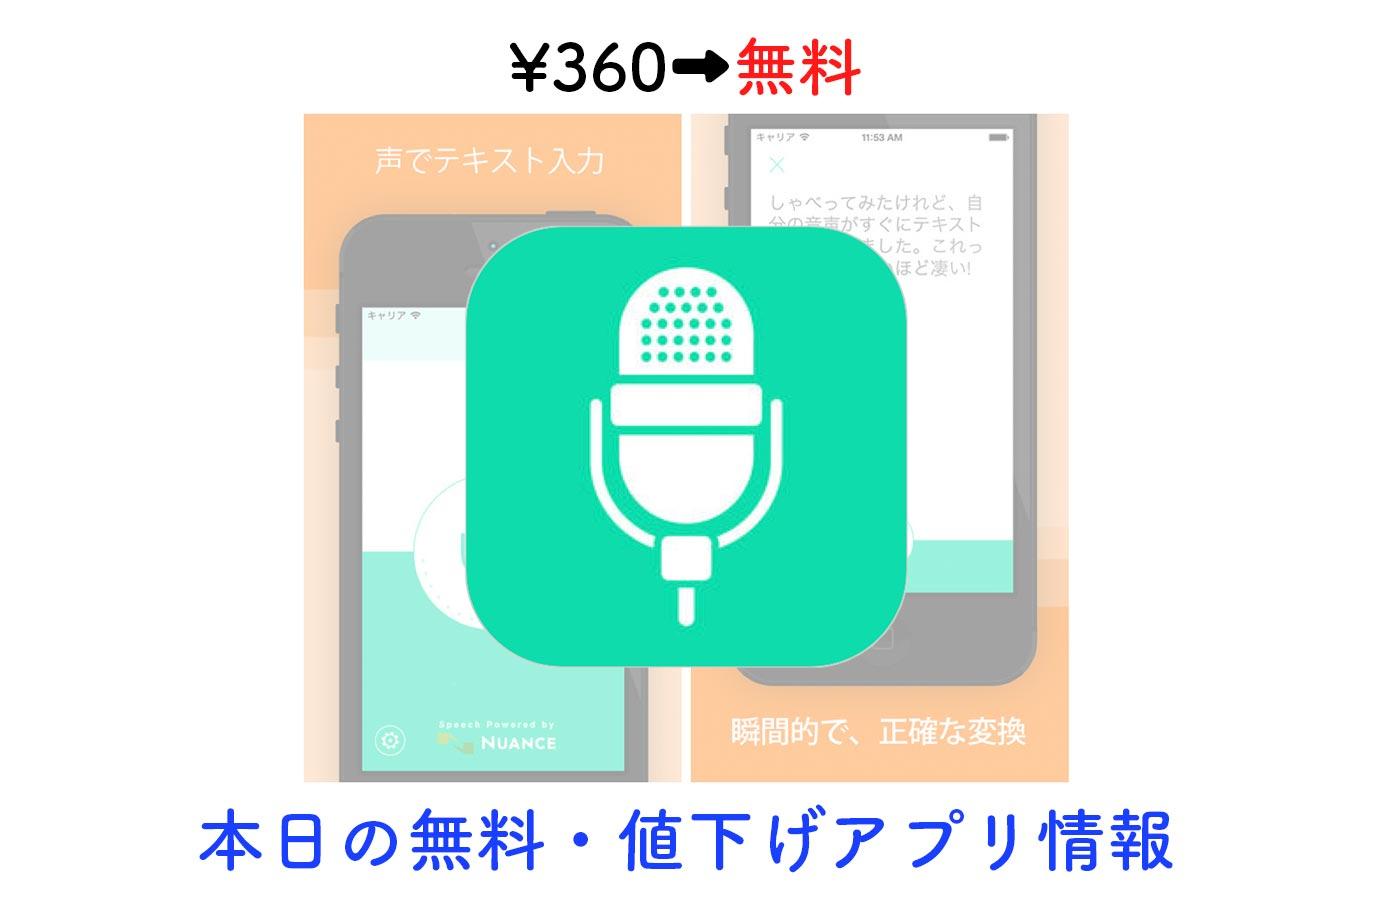 ¥360→無料、音声をテキスト化してくれる「アクティブボイス」など【11/27】本日の無料・値下げアプリ情報